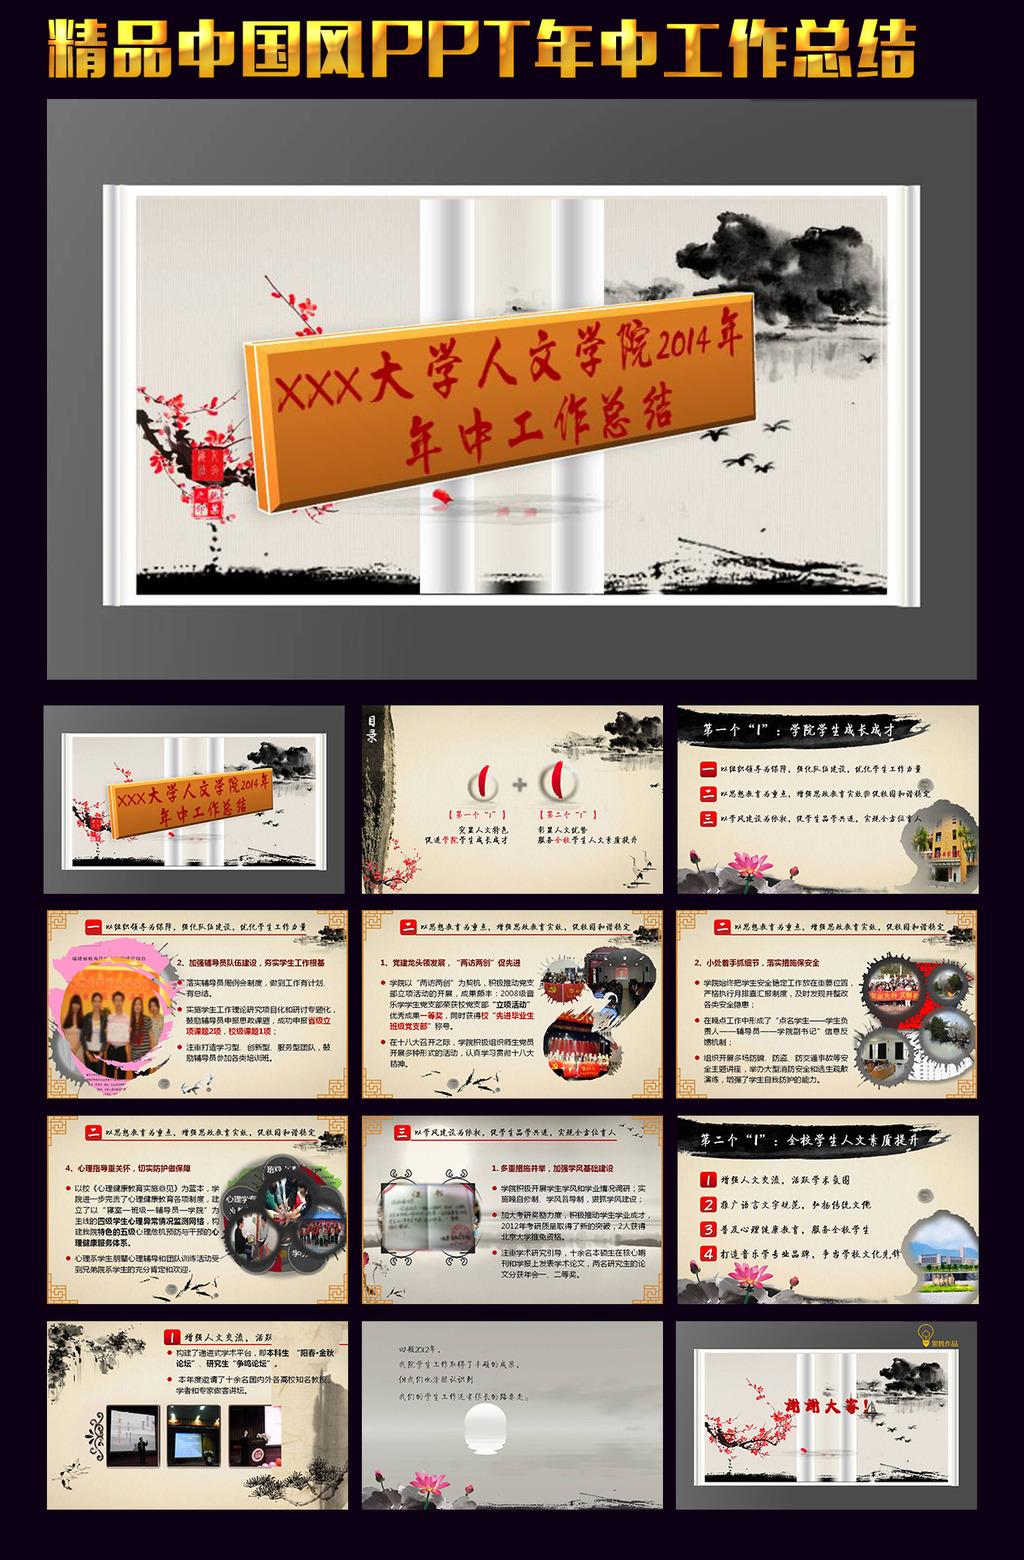 年中工作总结大学中国风ppt模板下载